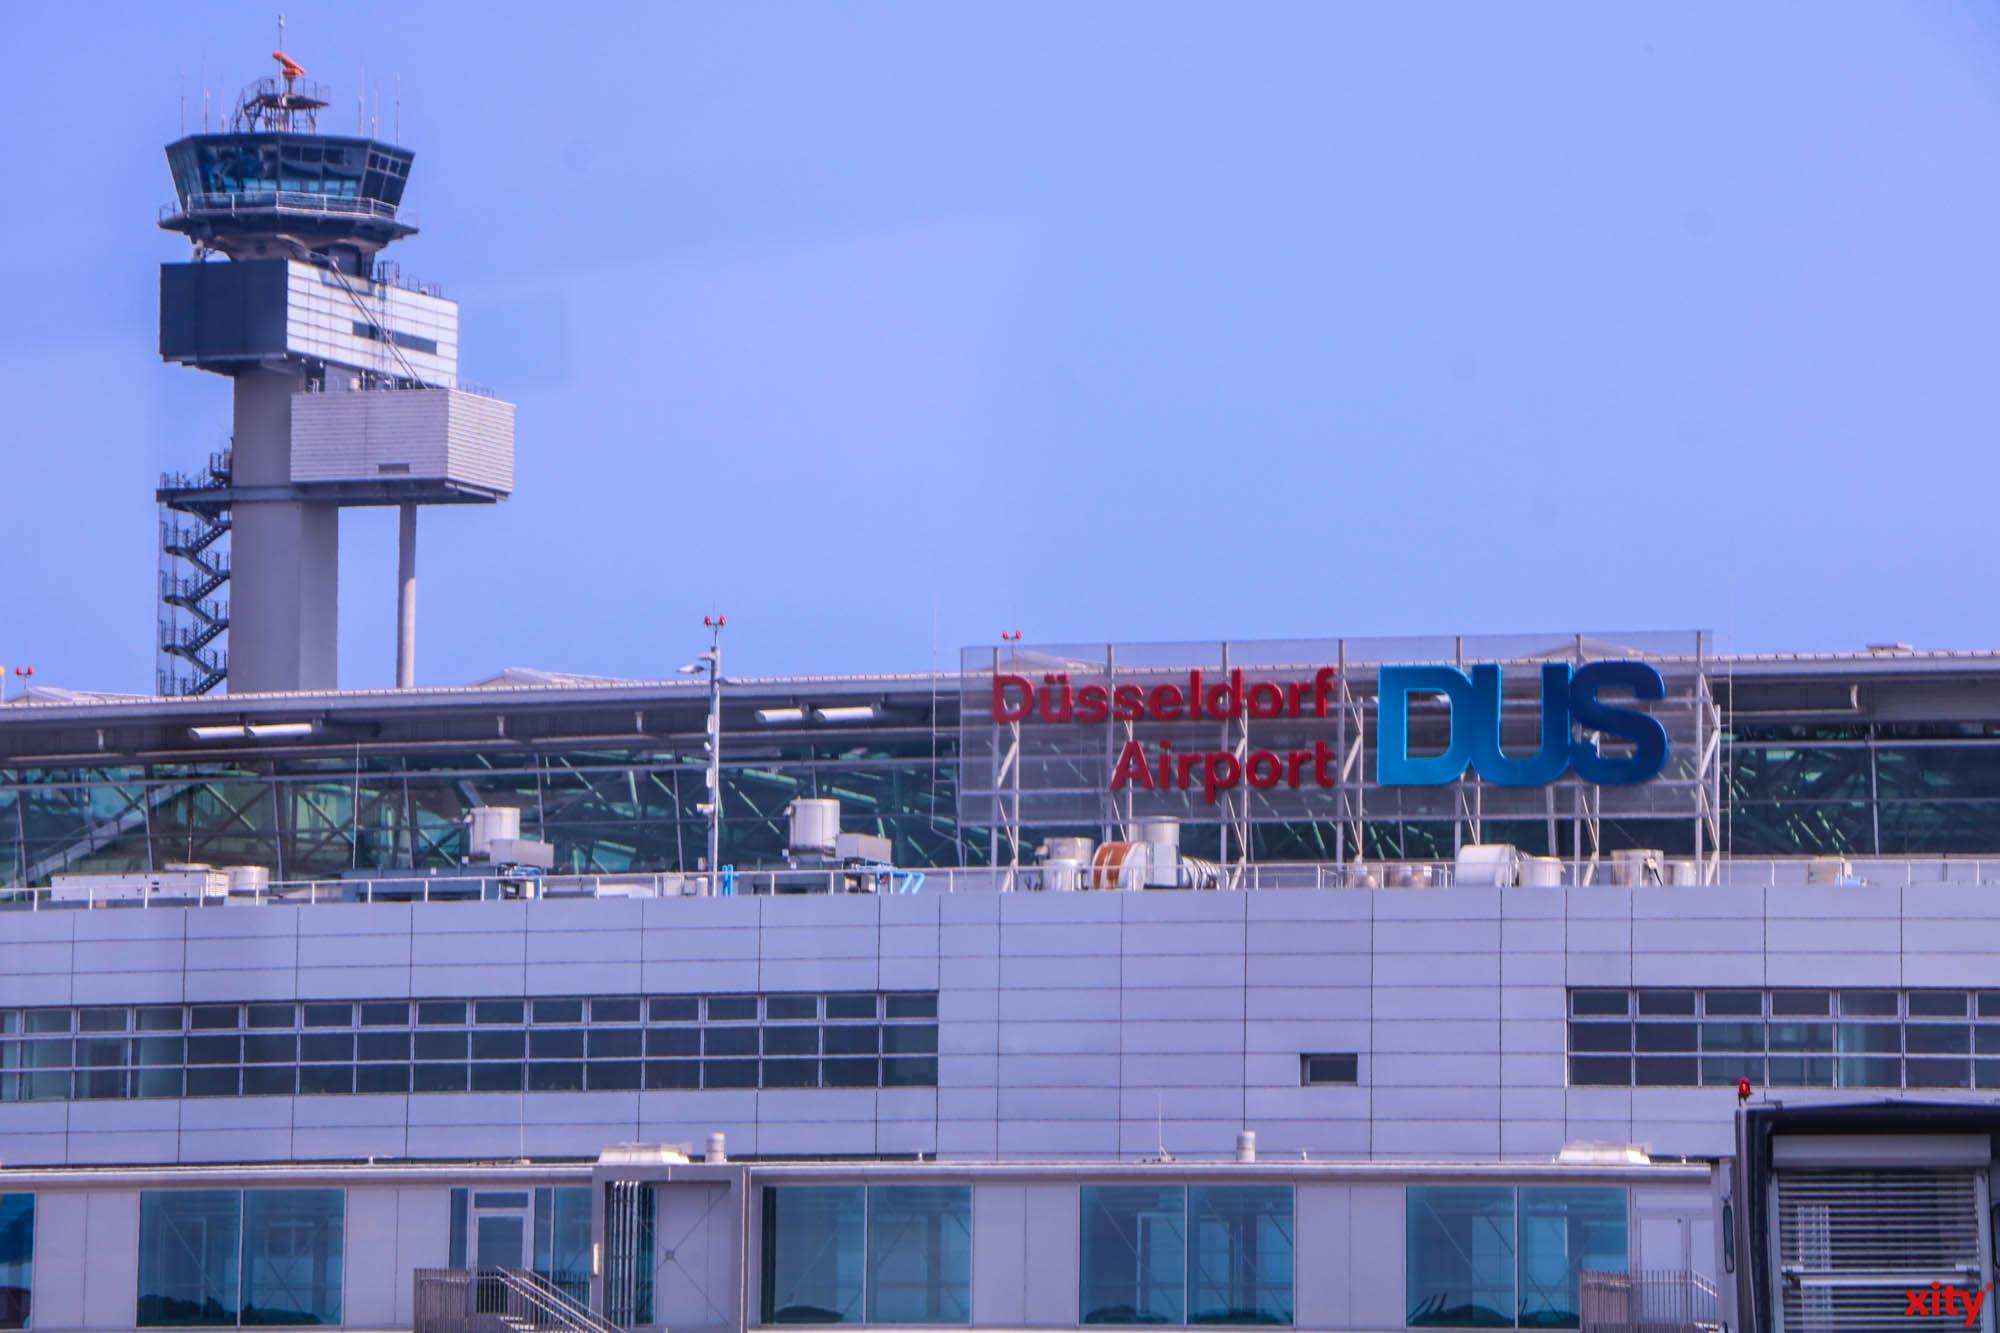 Flughafen Düsseldorf schreibt Nachbarschaftspreis 2020 aus(Foto: xity)